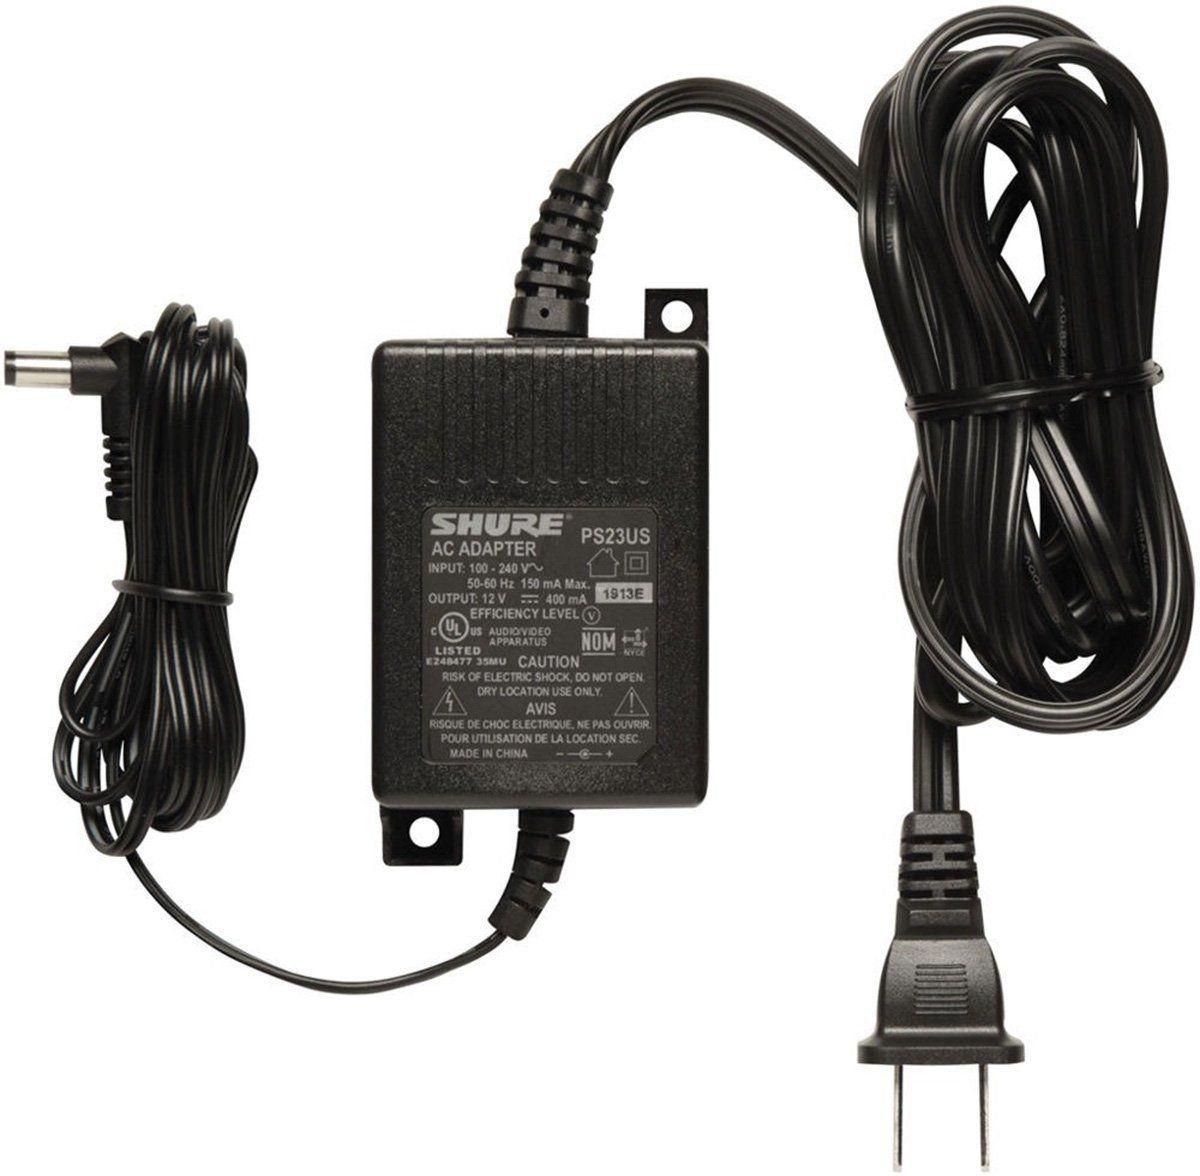 Shure PS23 US AC adaptador 110/220 PS-23US